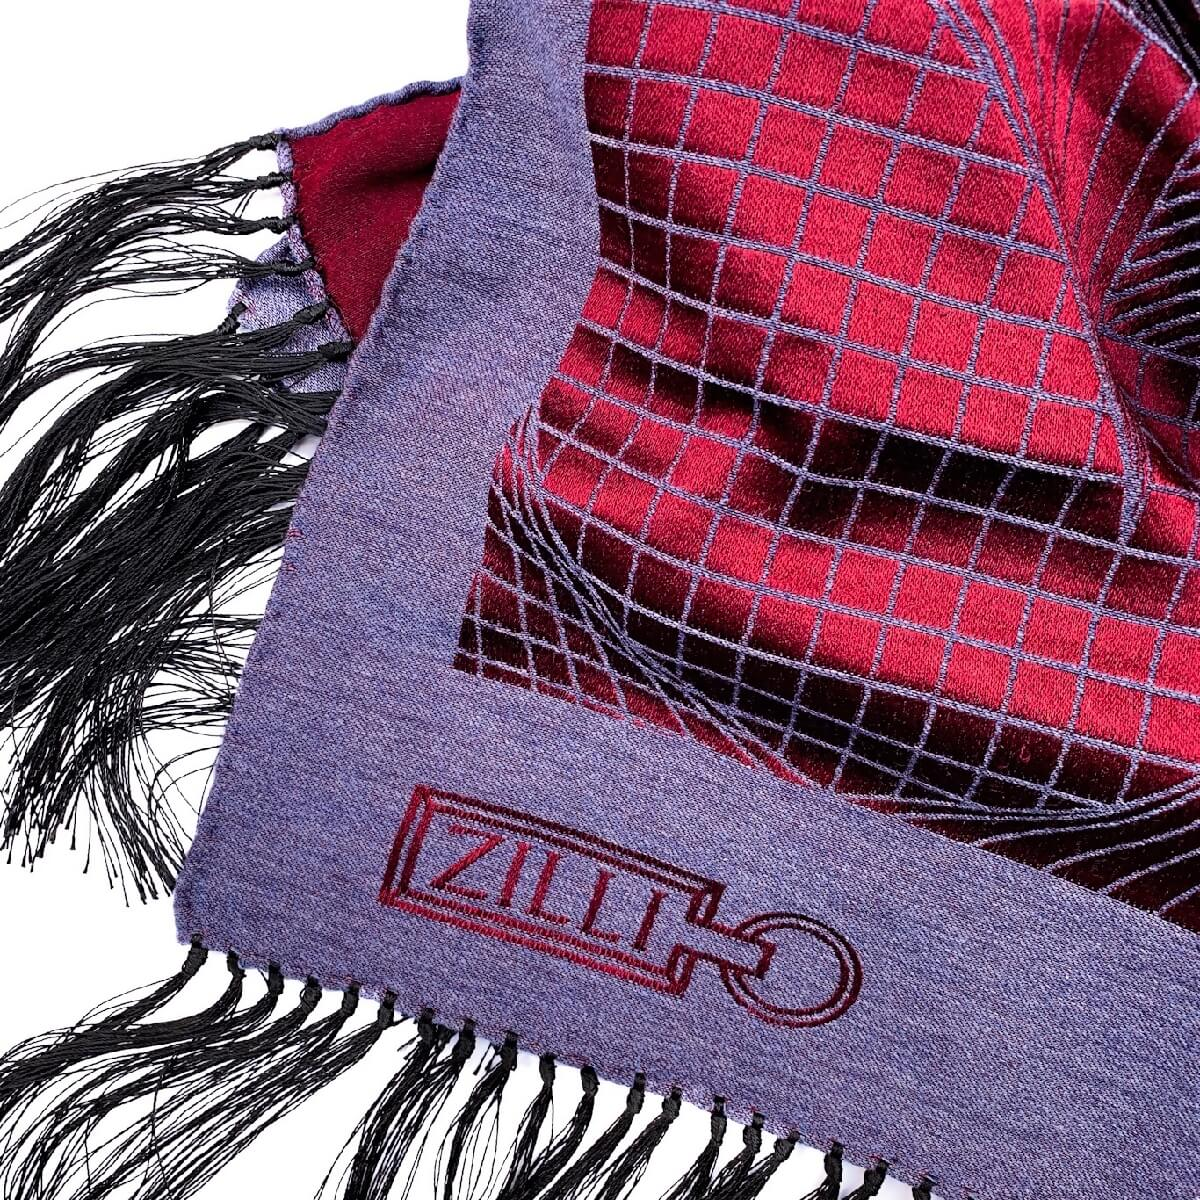 ZILLI (ジリー)マフラー メンズ レディース ブランド ZILLI ジリー シルク カシミア ブルー ボルドー 高級